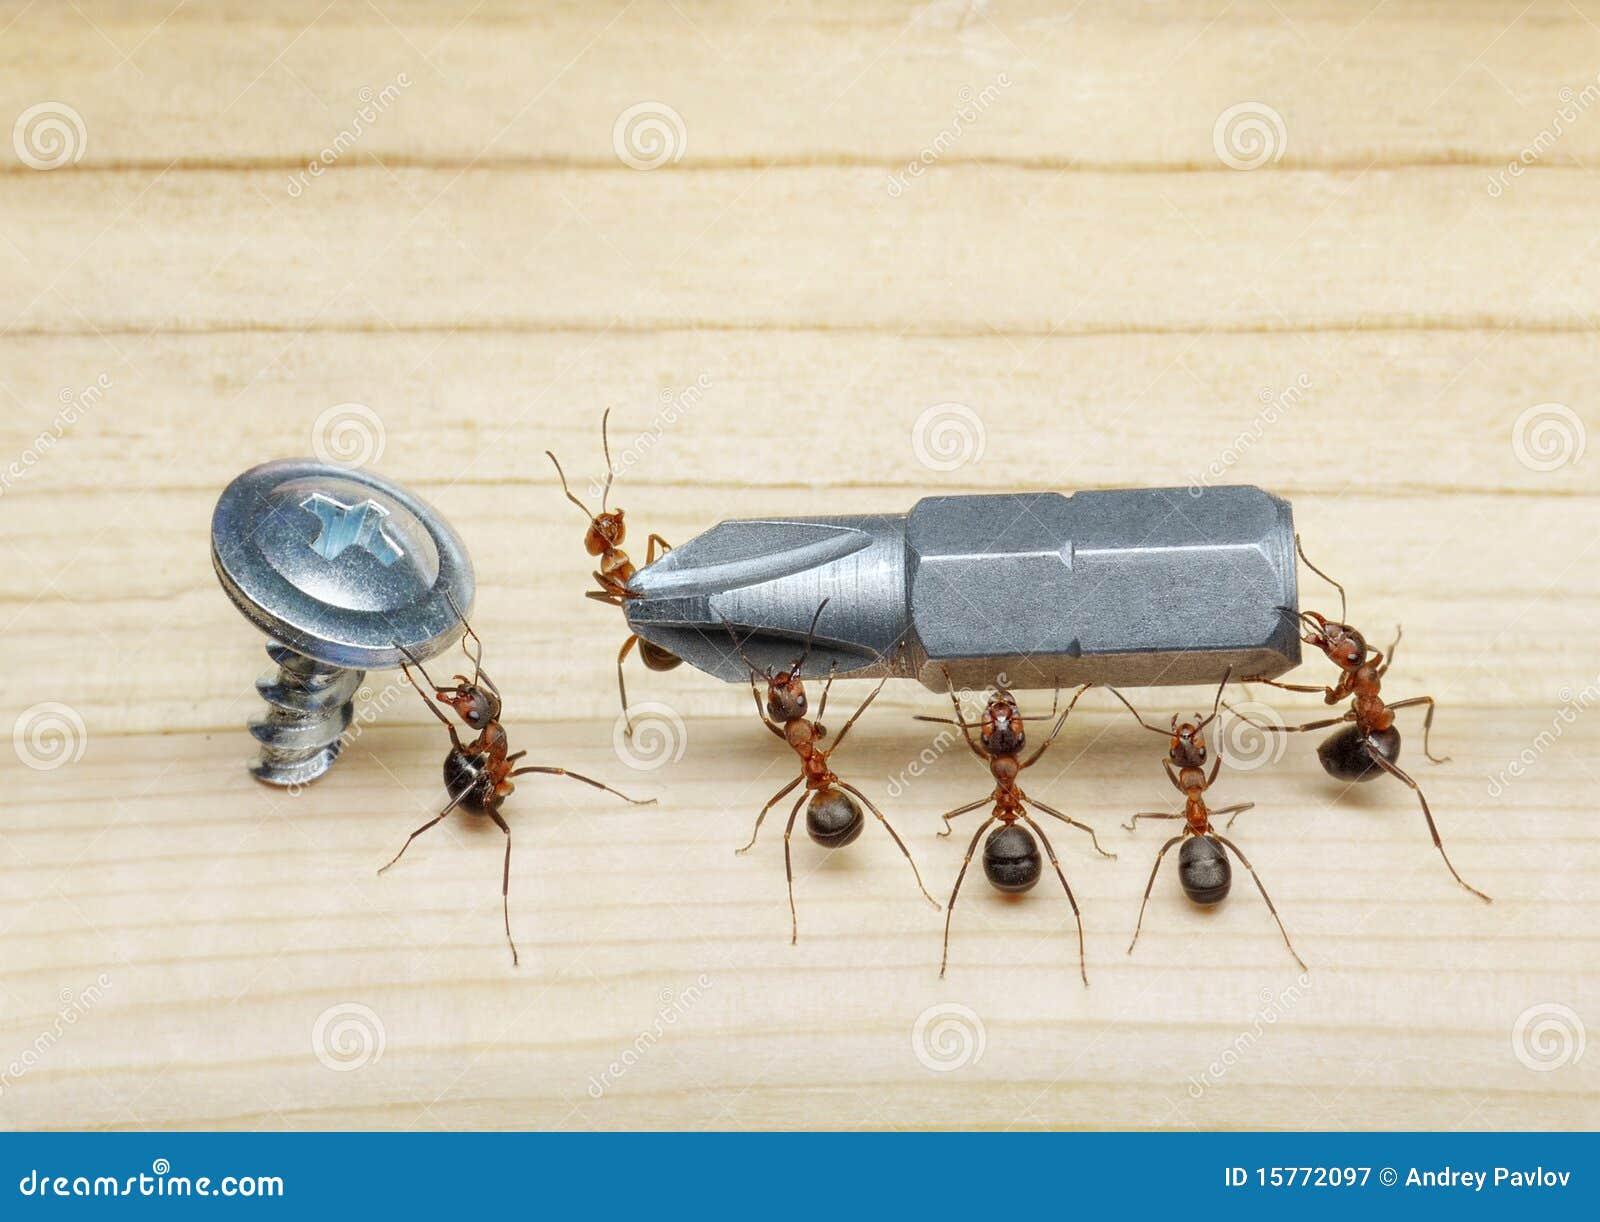 A equipe das formigas carreg a chave de fenda, trabalhos de equipa